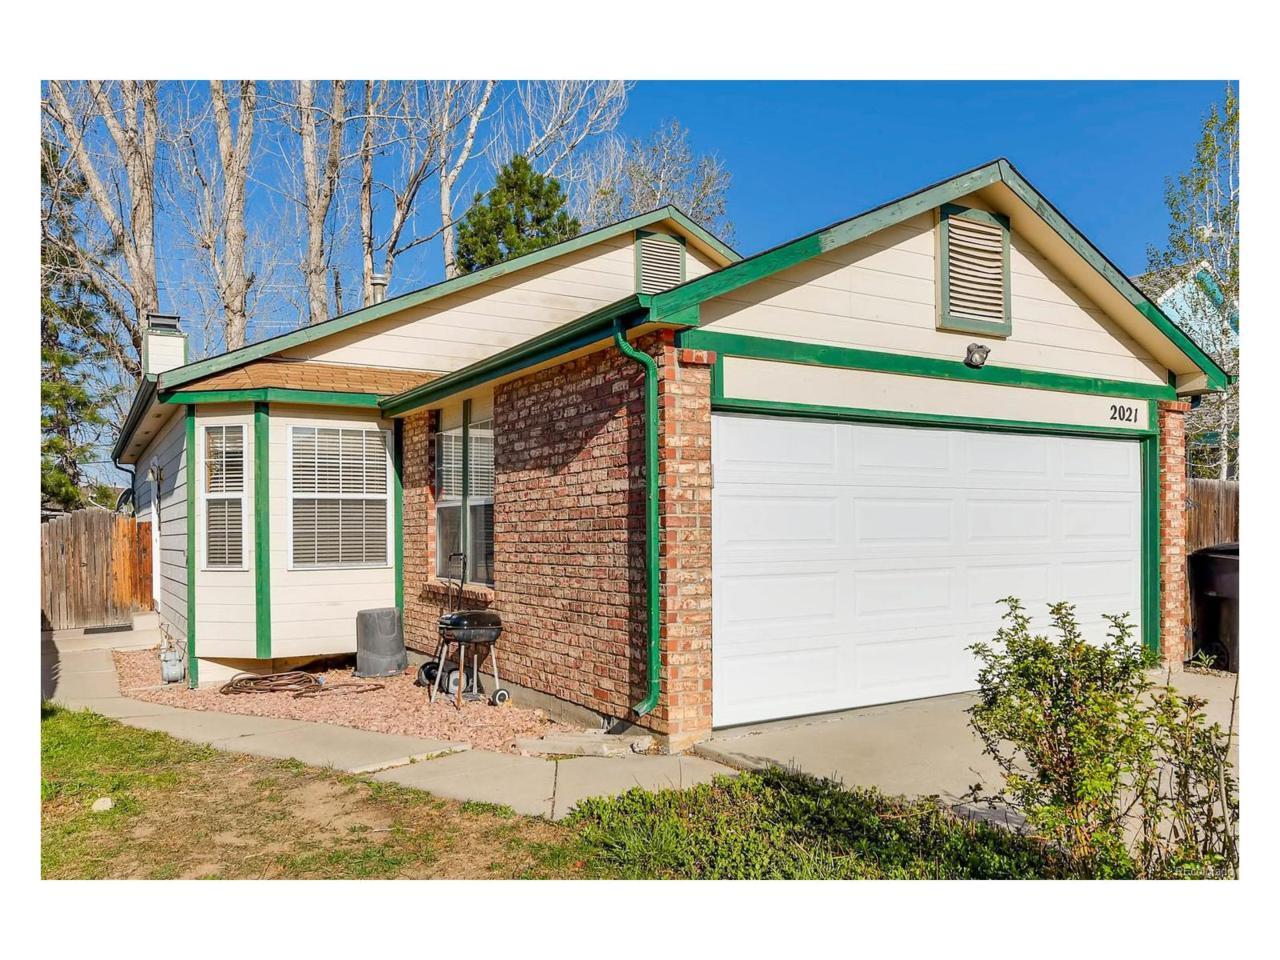 2021 Mount Sneffels Street, Longmont, CO 80504 (MLS #3713424) :: 8z Real Estate